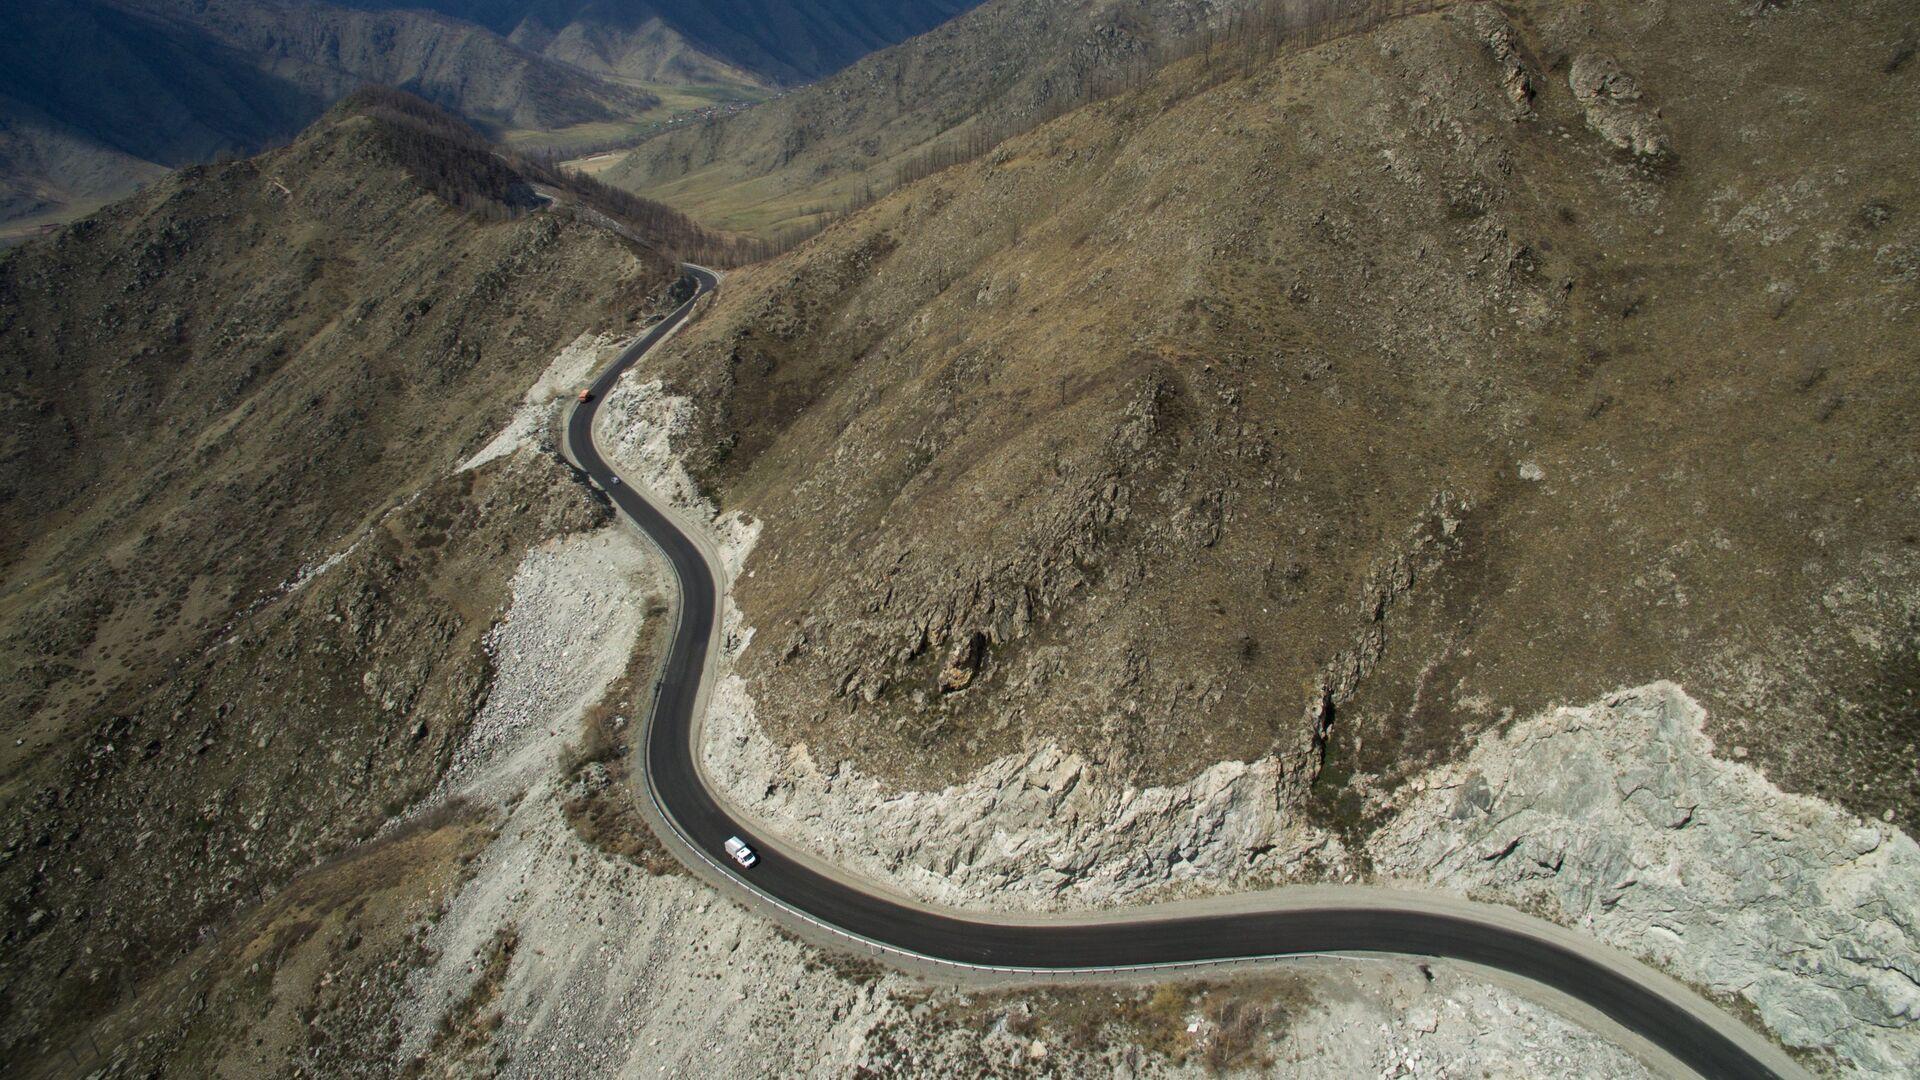 Горный перевал, архивное фото - Sputnik Таджикистан, 1920, 27.09.2021